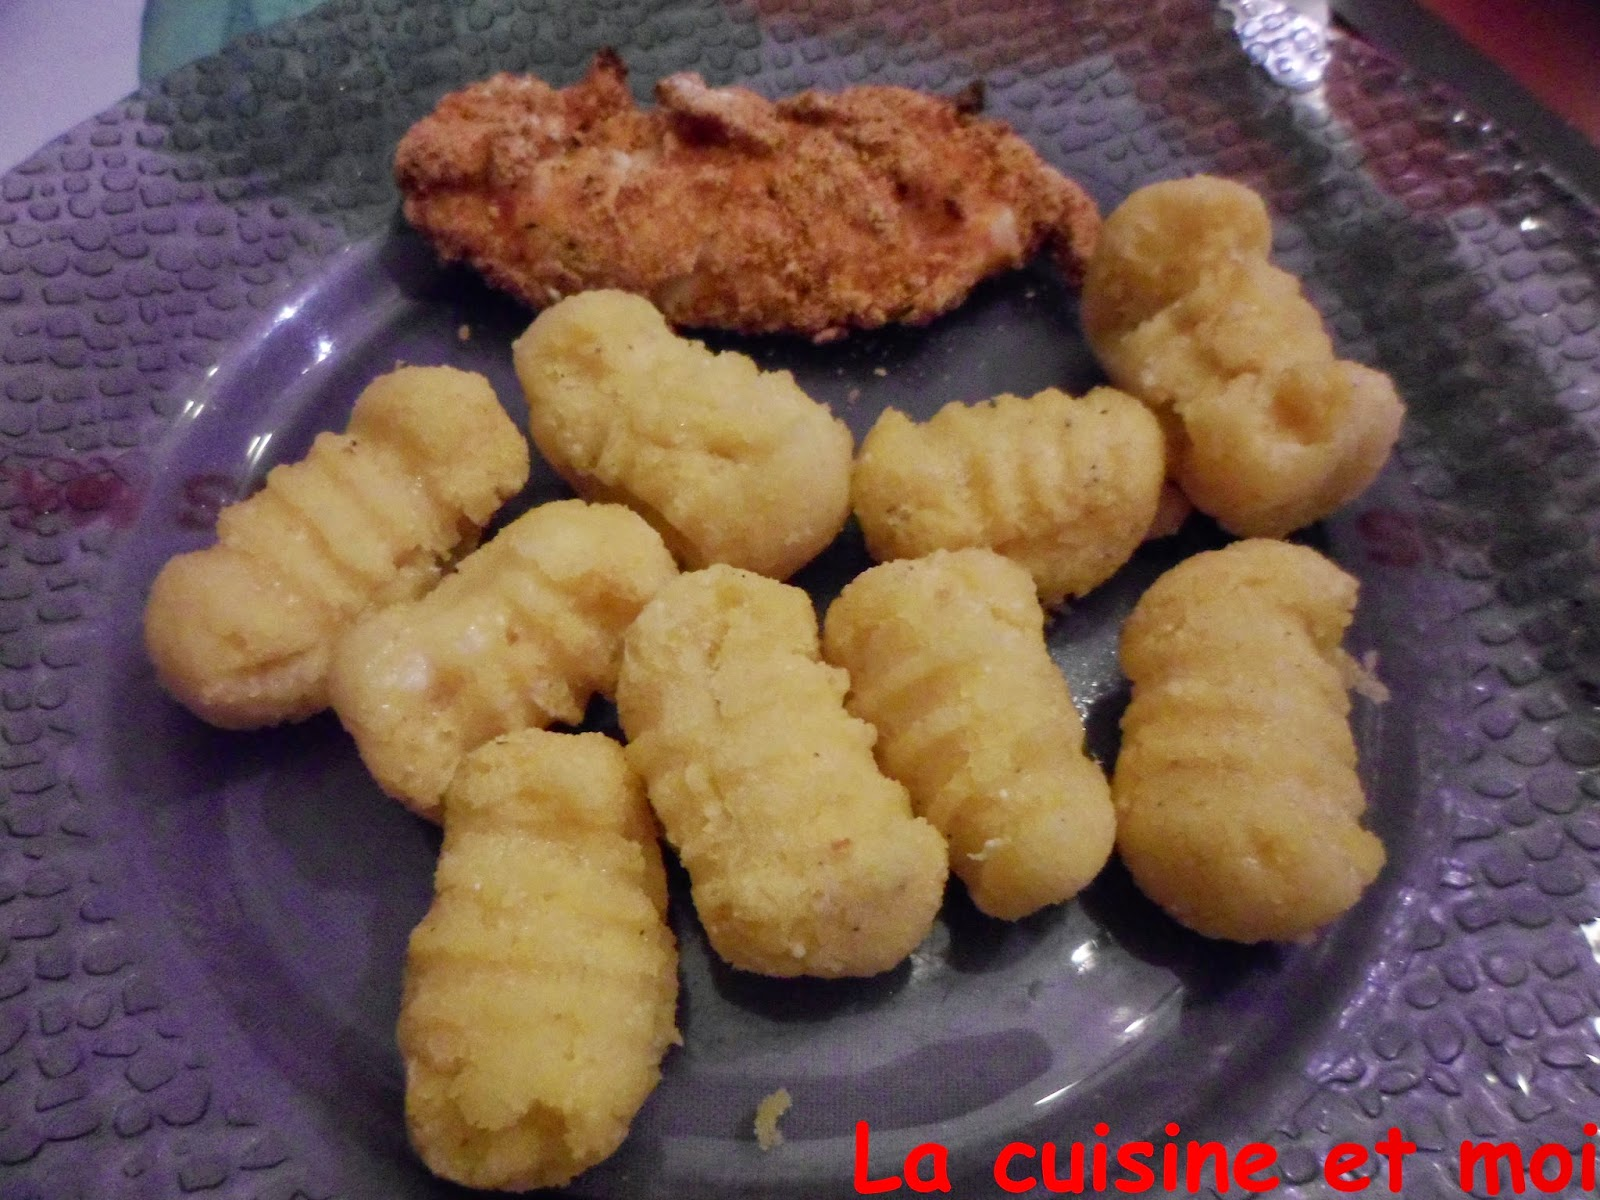 http://la-cuisine-et-moi.blogspot.fr/2014/07/gnocchi-de-polenta-au-parmesan-et.html